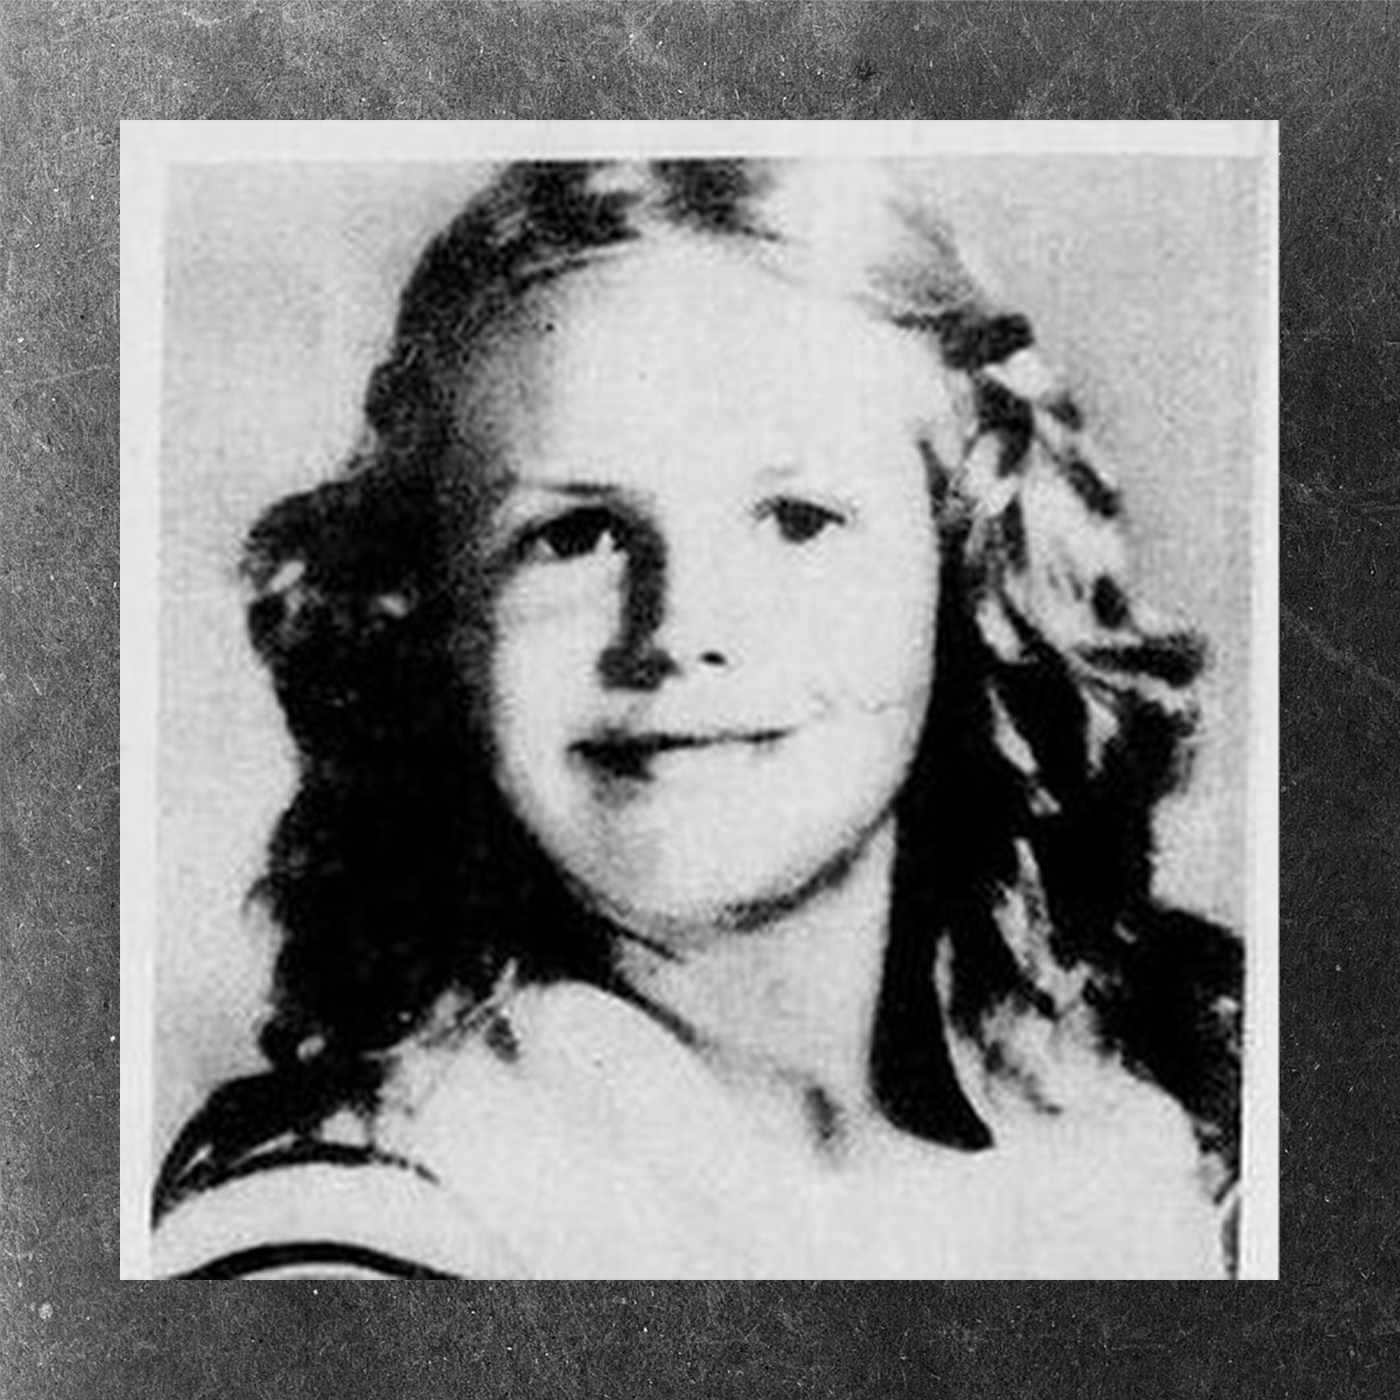 Linda Marie VanderVeen